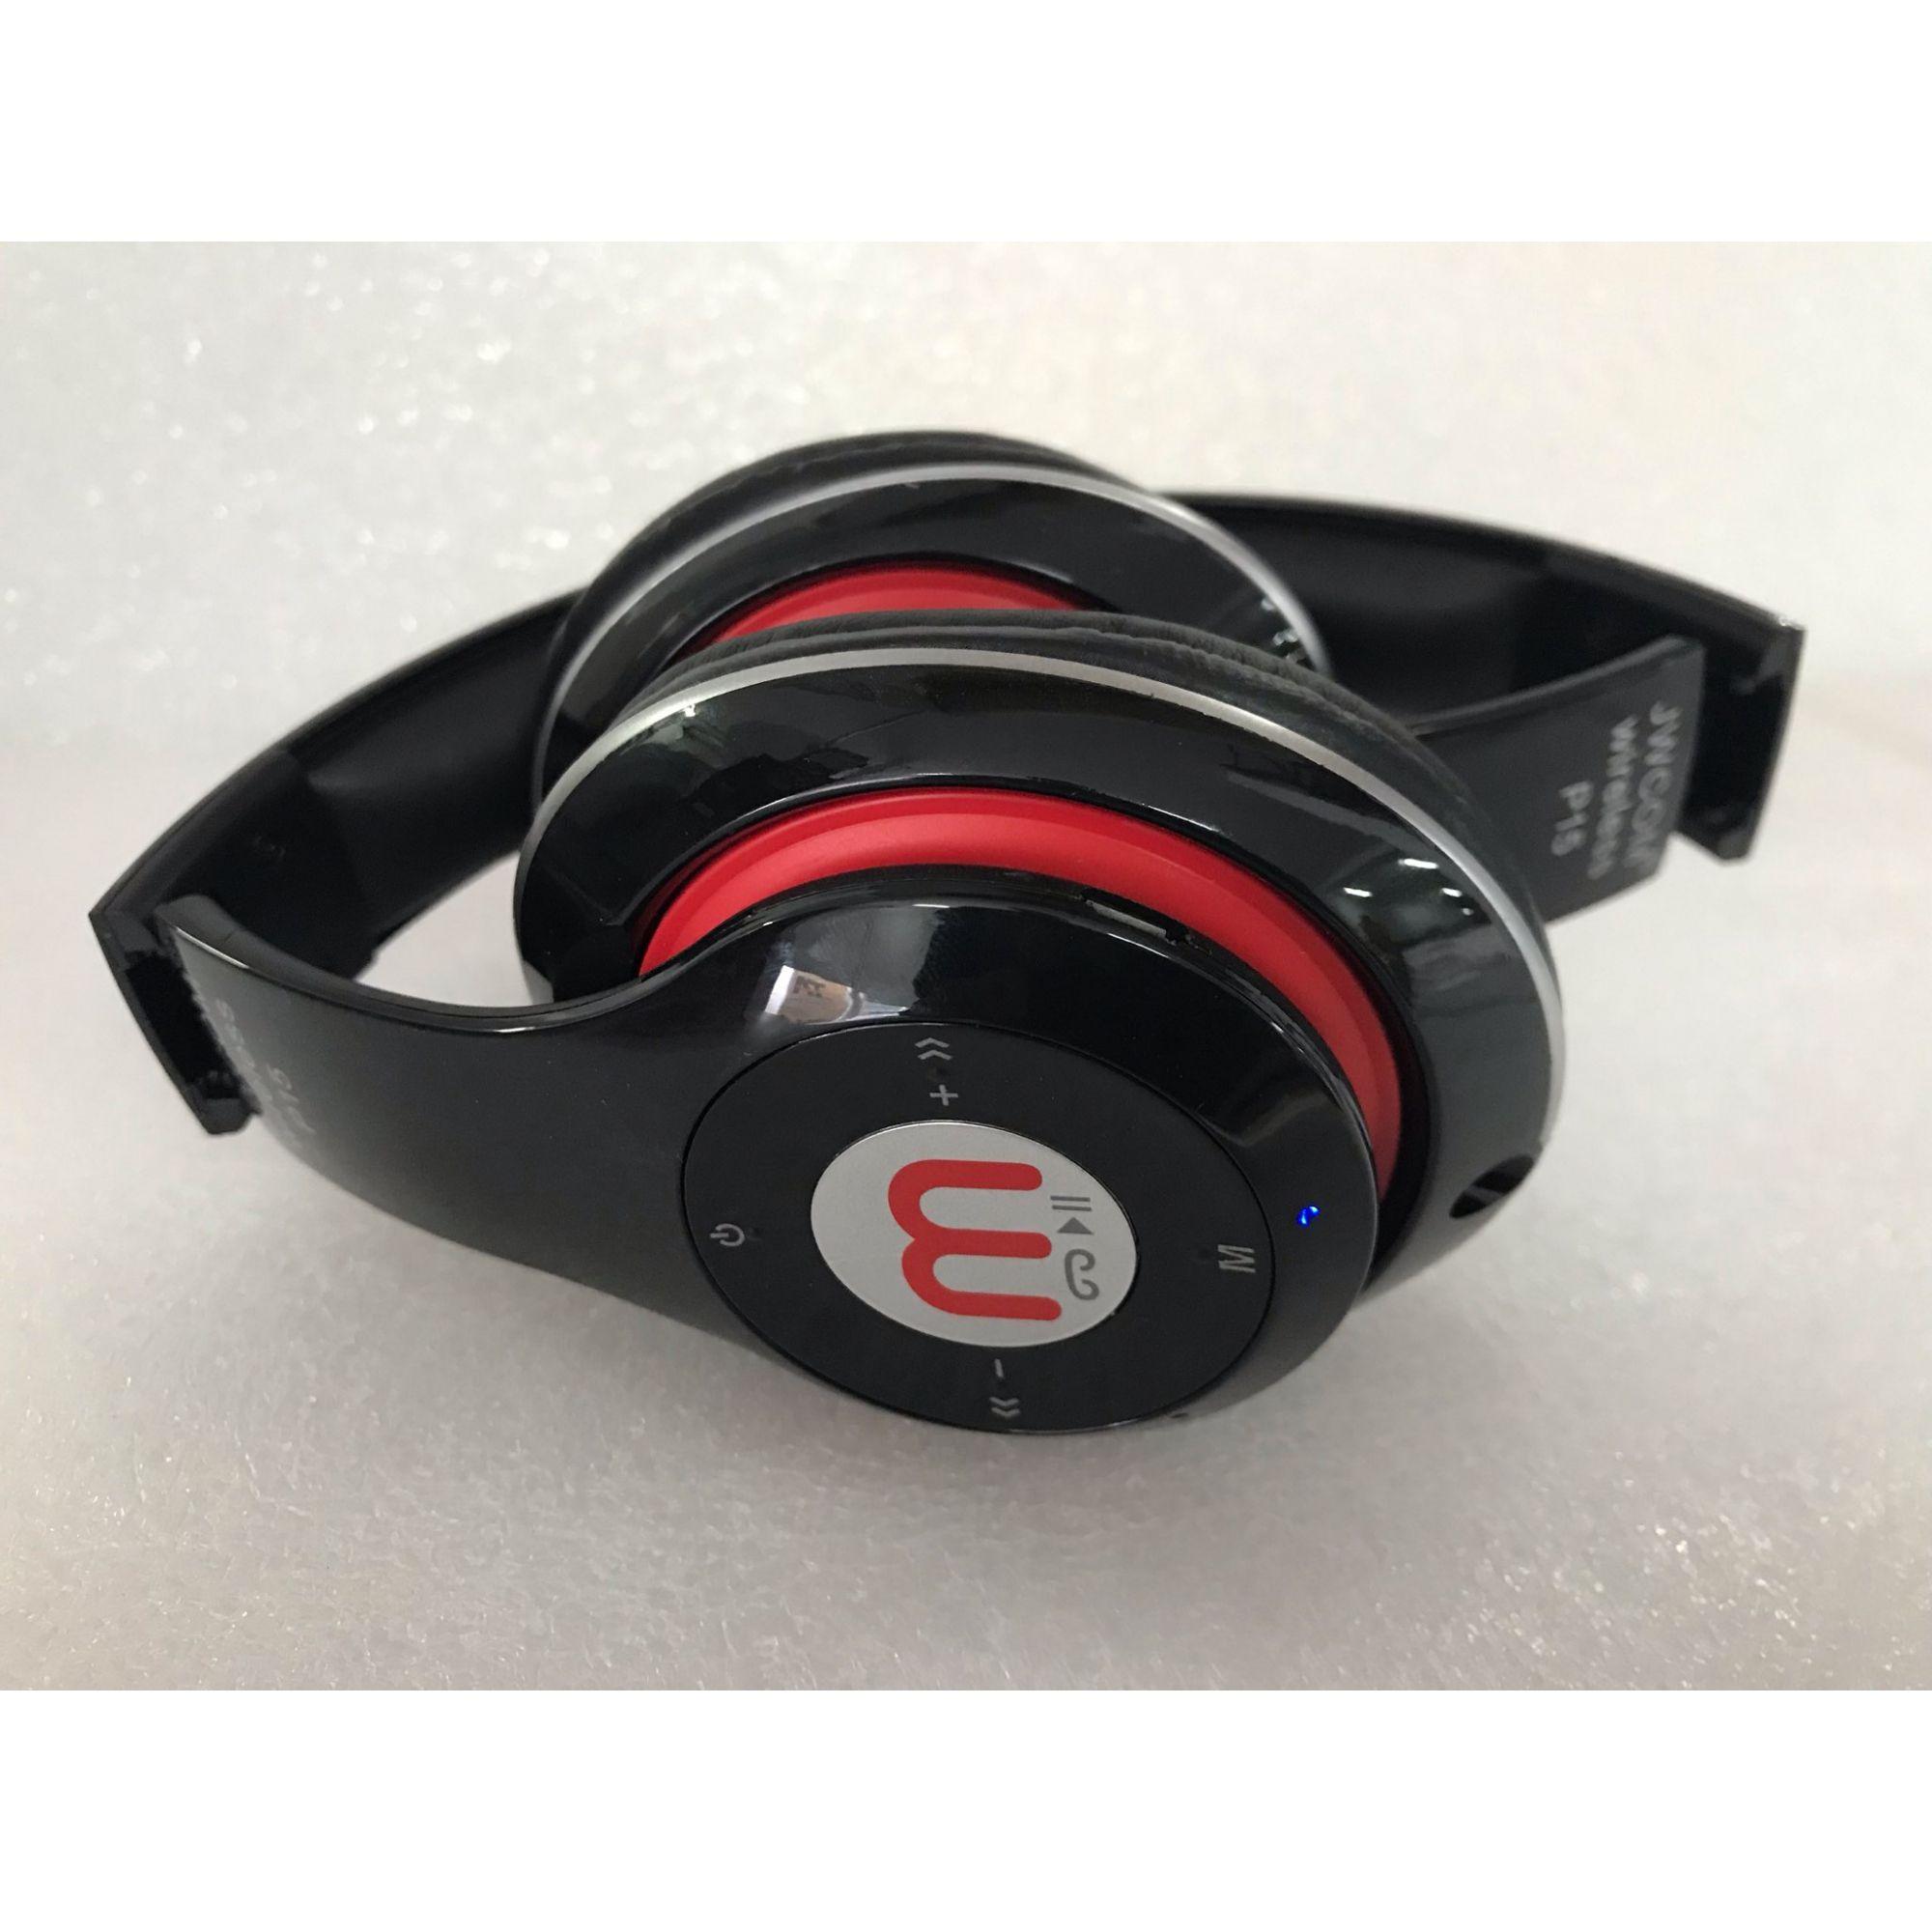 Fone de Ouvido Bluetooth c/Rádio FM FO-BT-P15 Preto